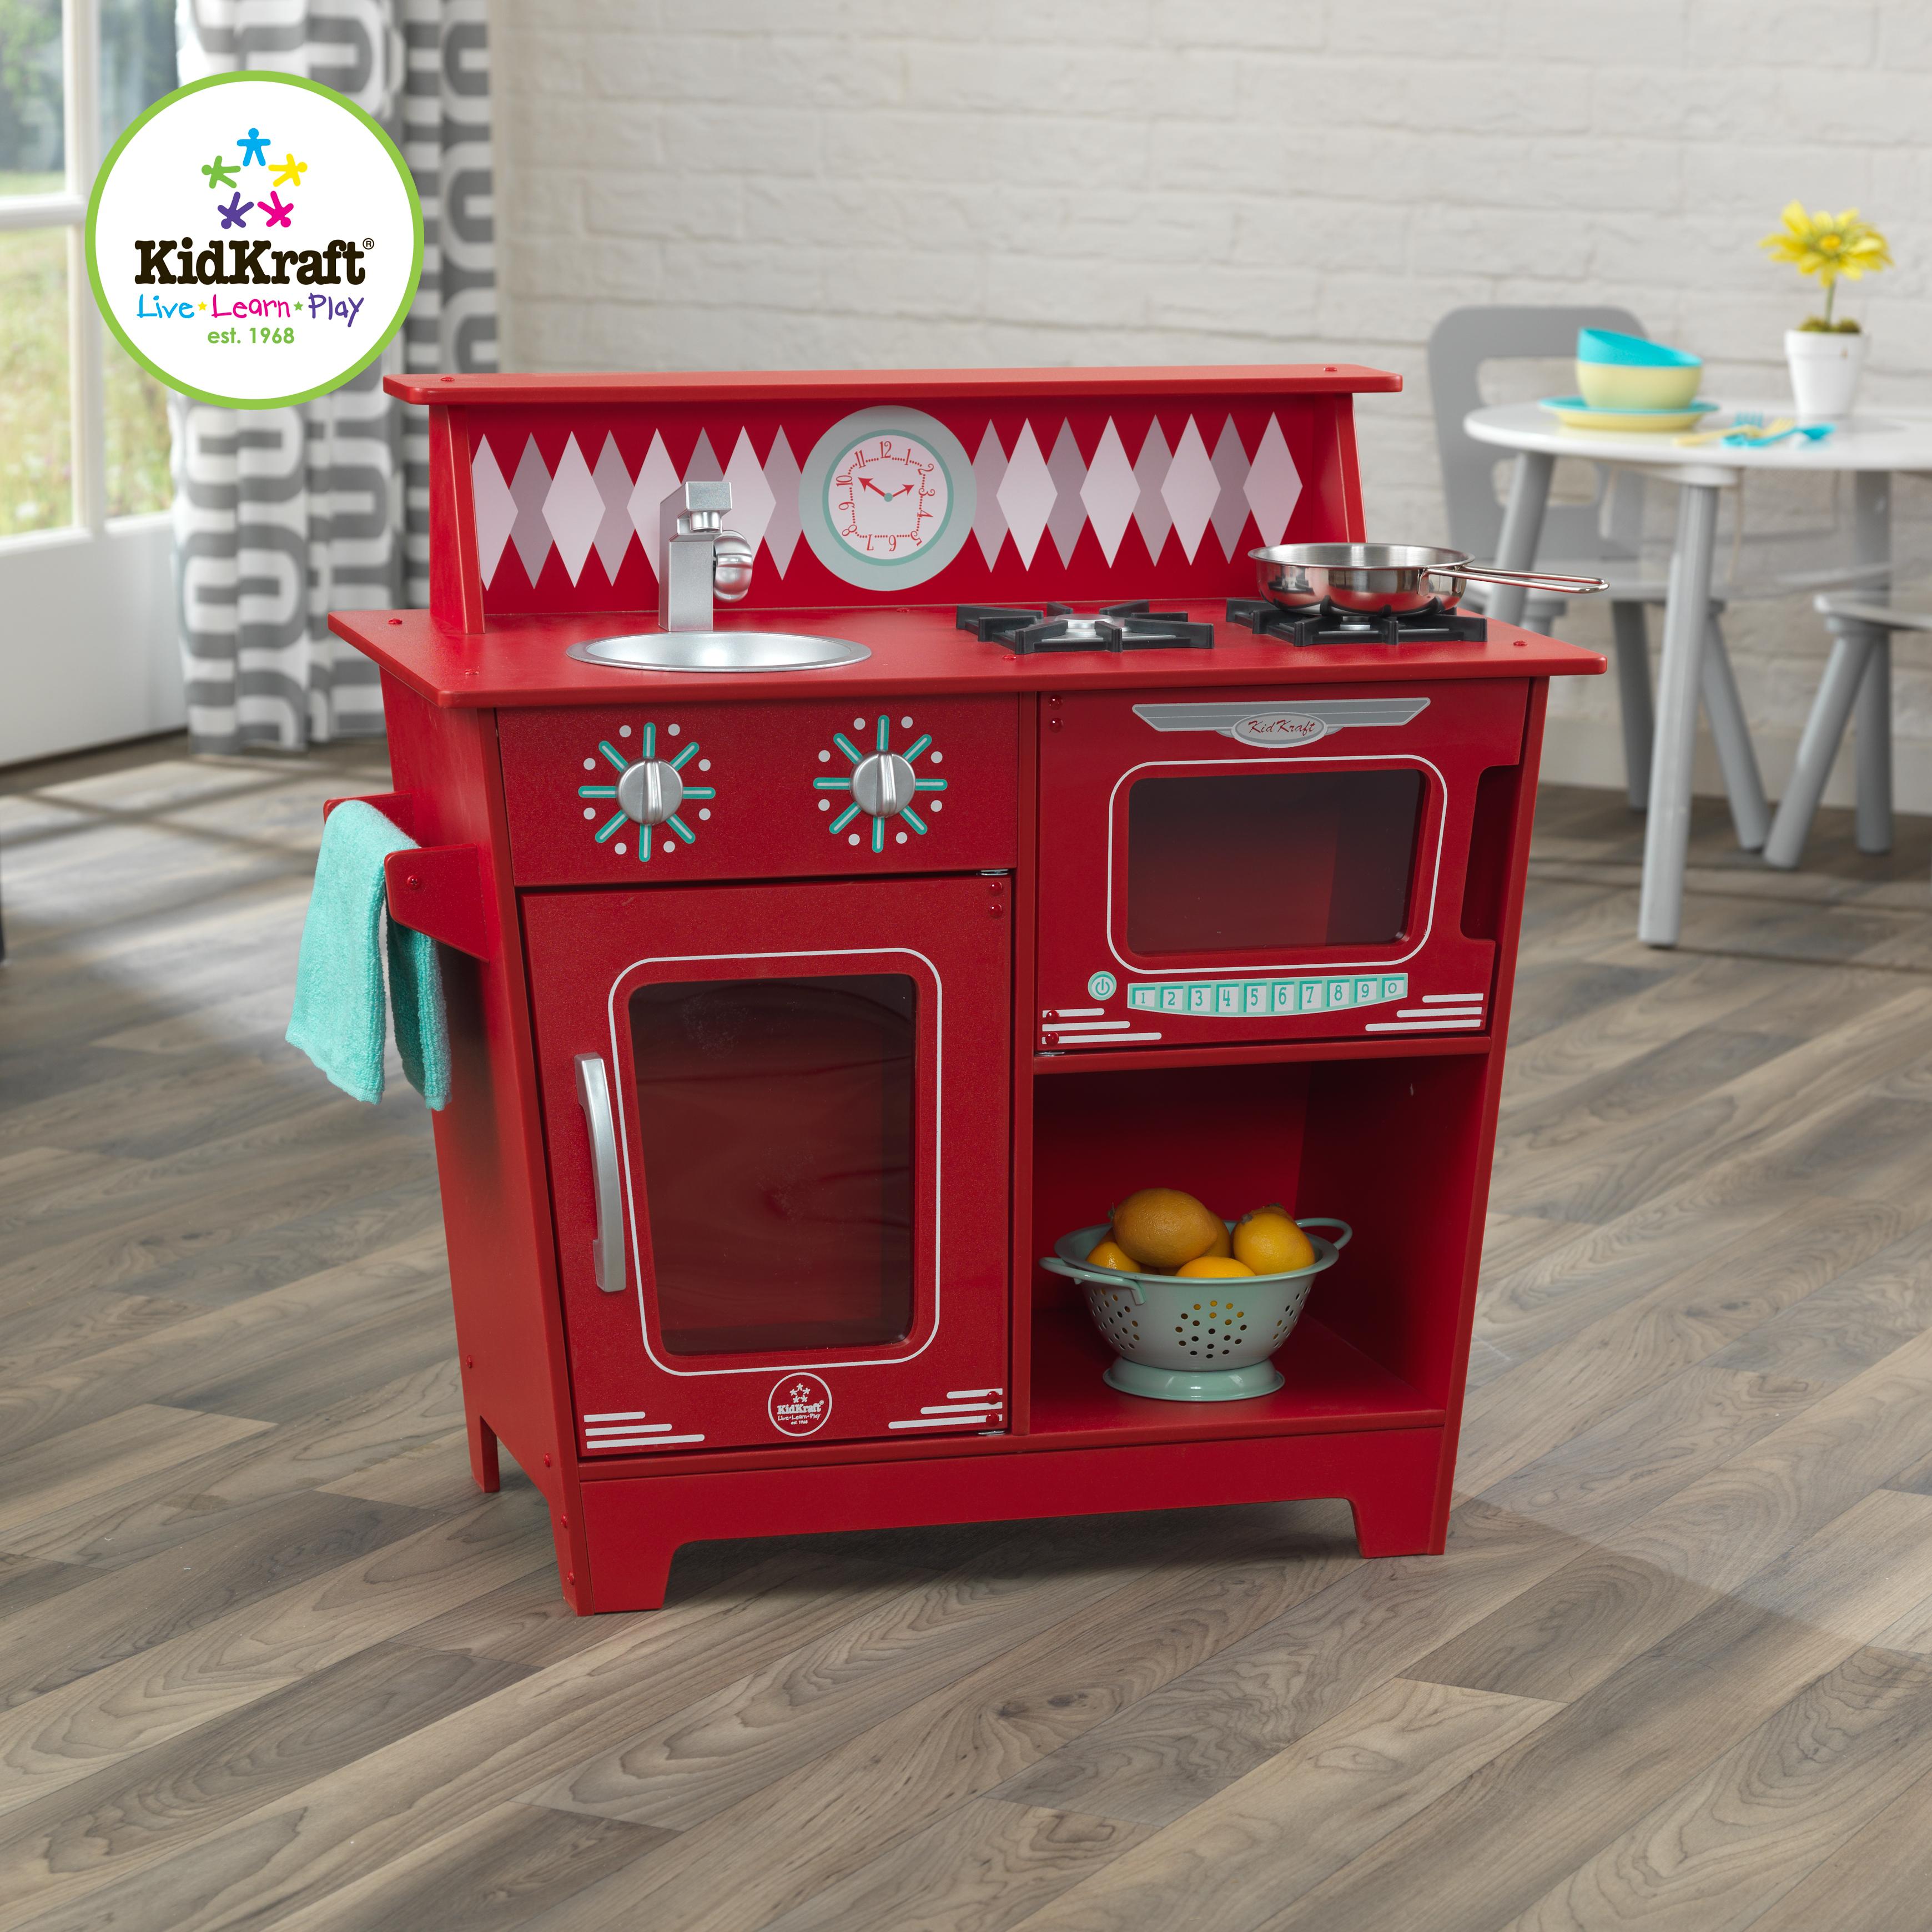 Petite cuisine classique rouge - 53362